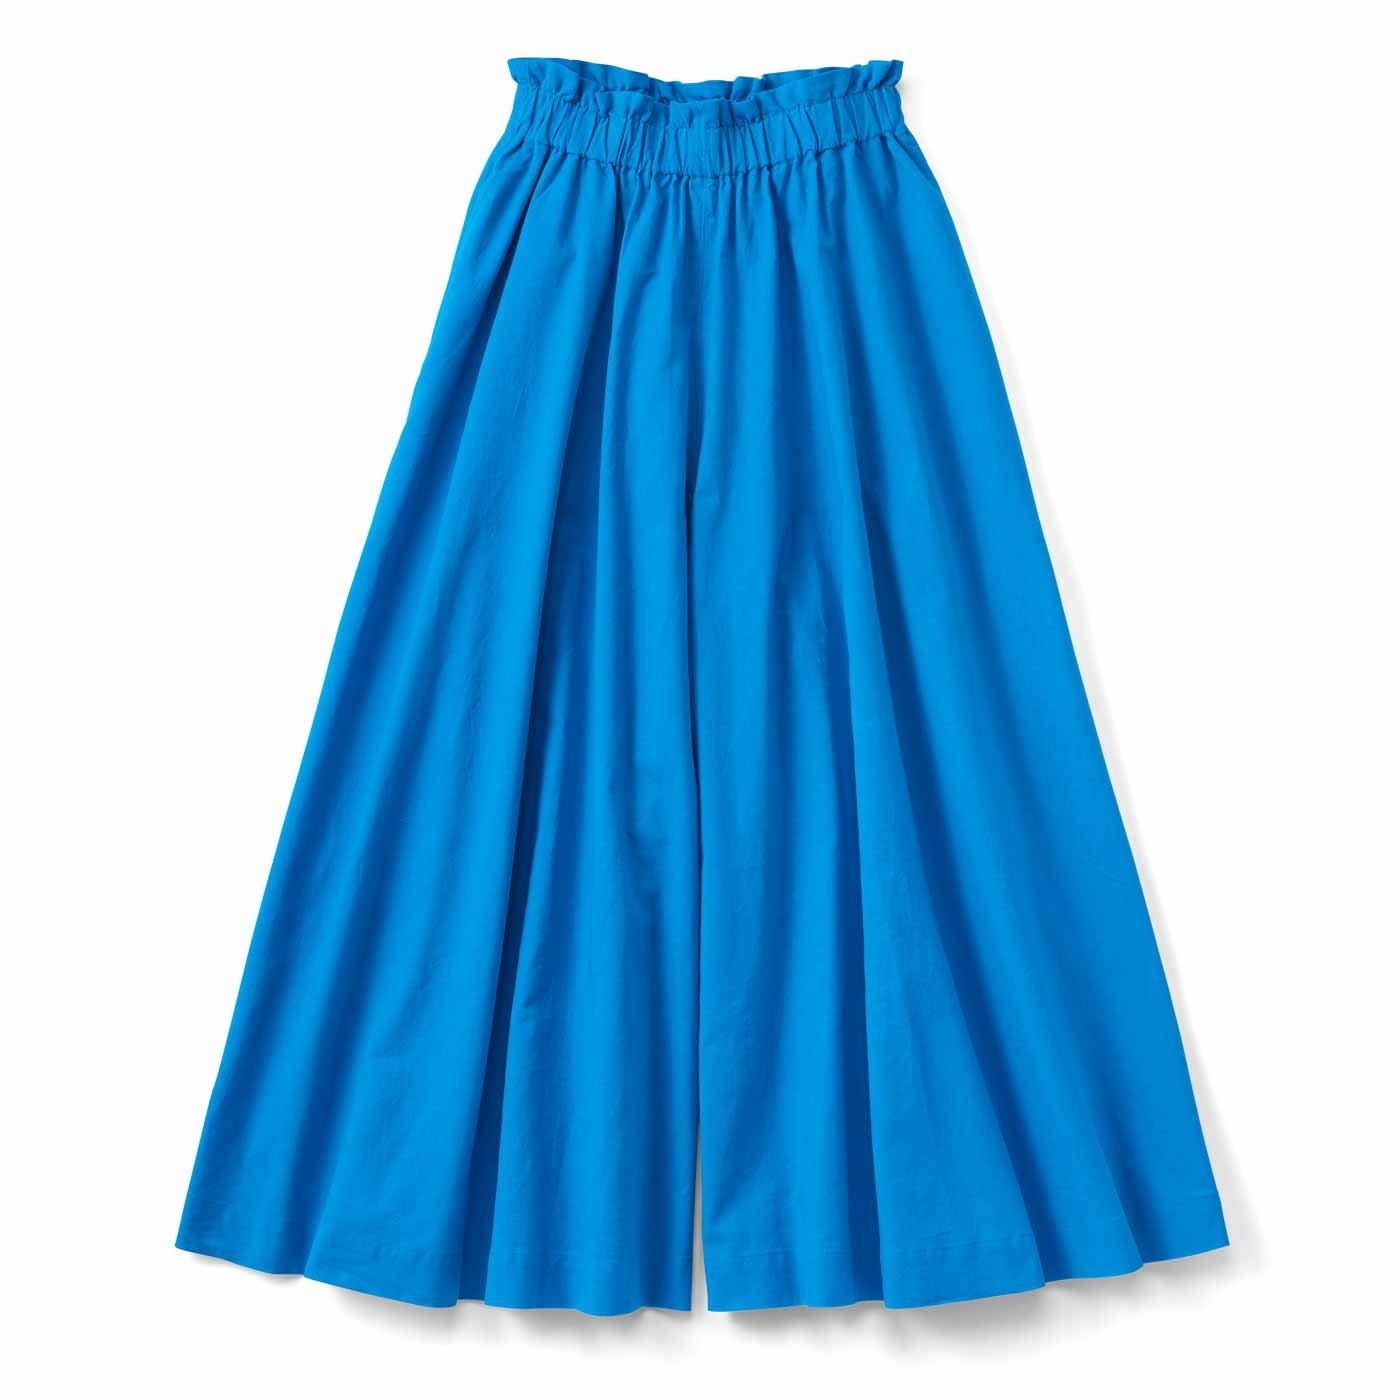 スカートみたいな コットンリネンのボリュームガウチョパンツ〈ブルー〉